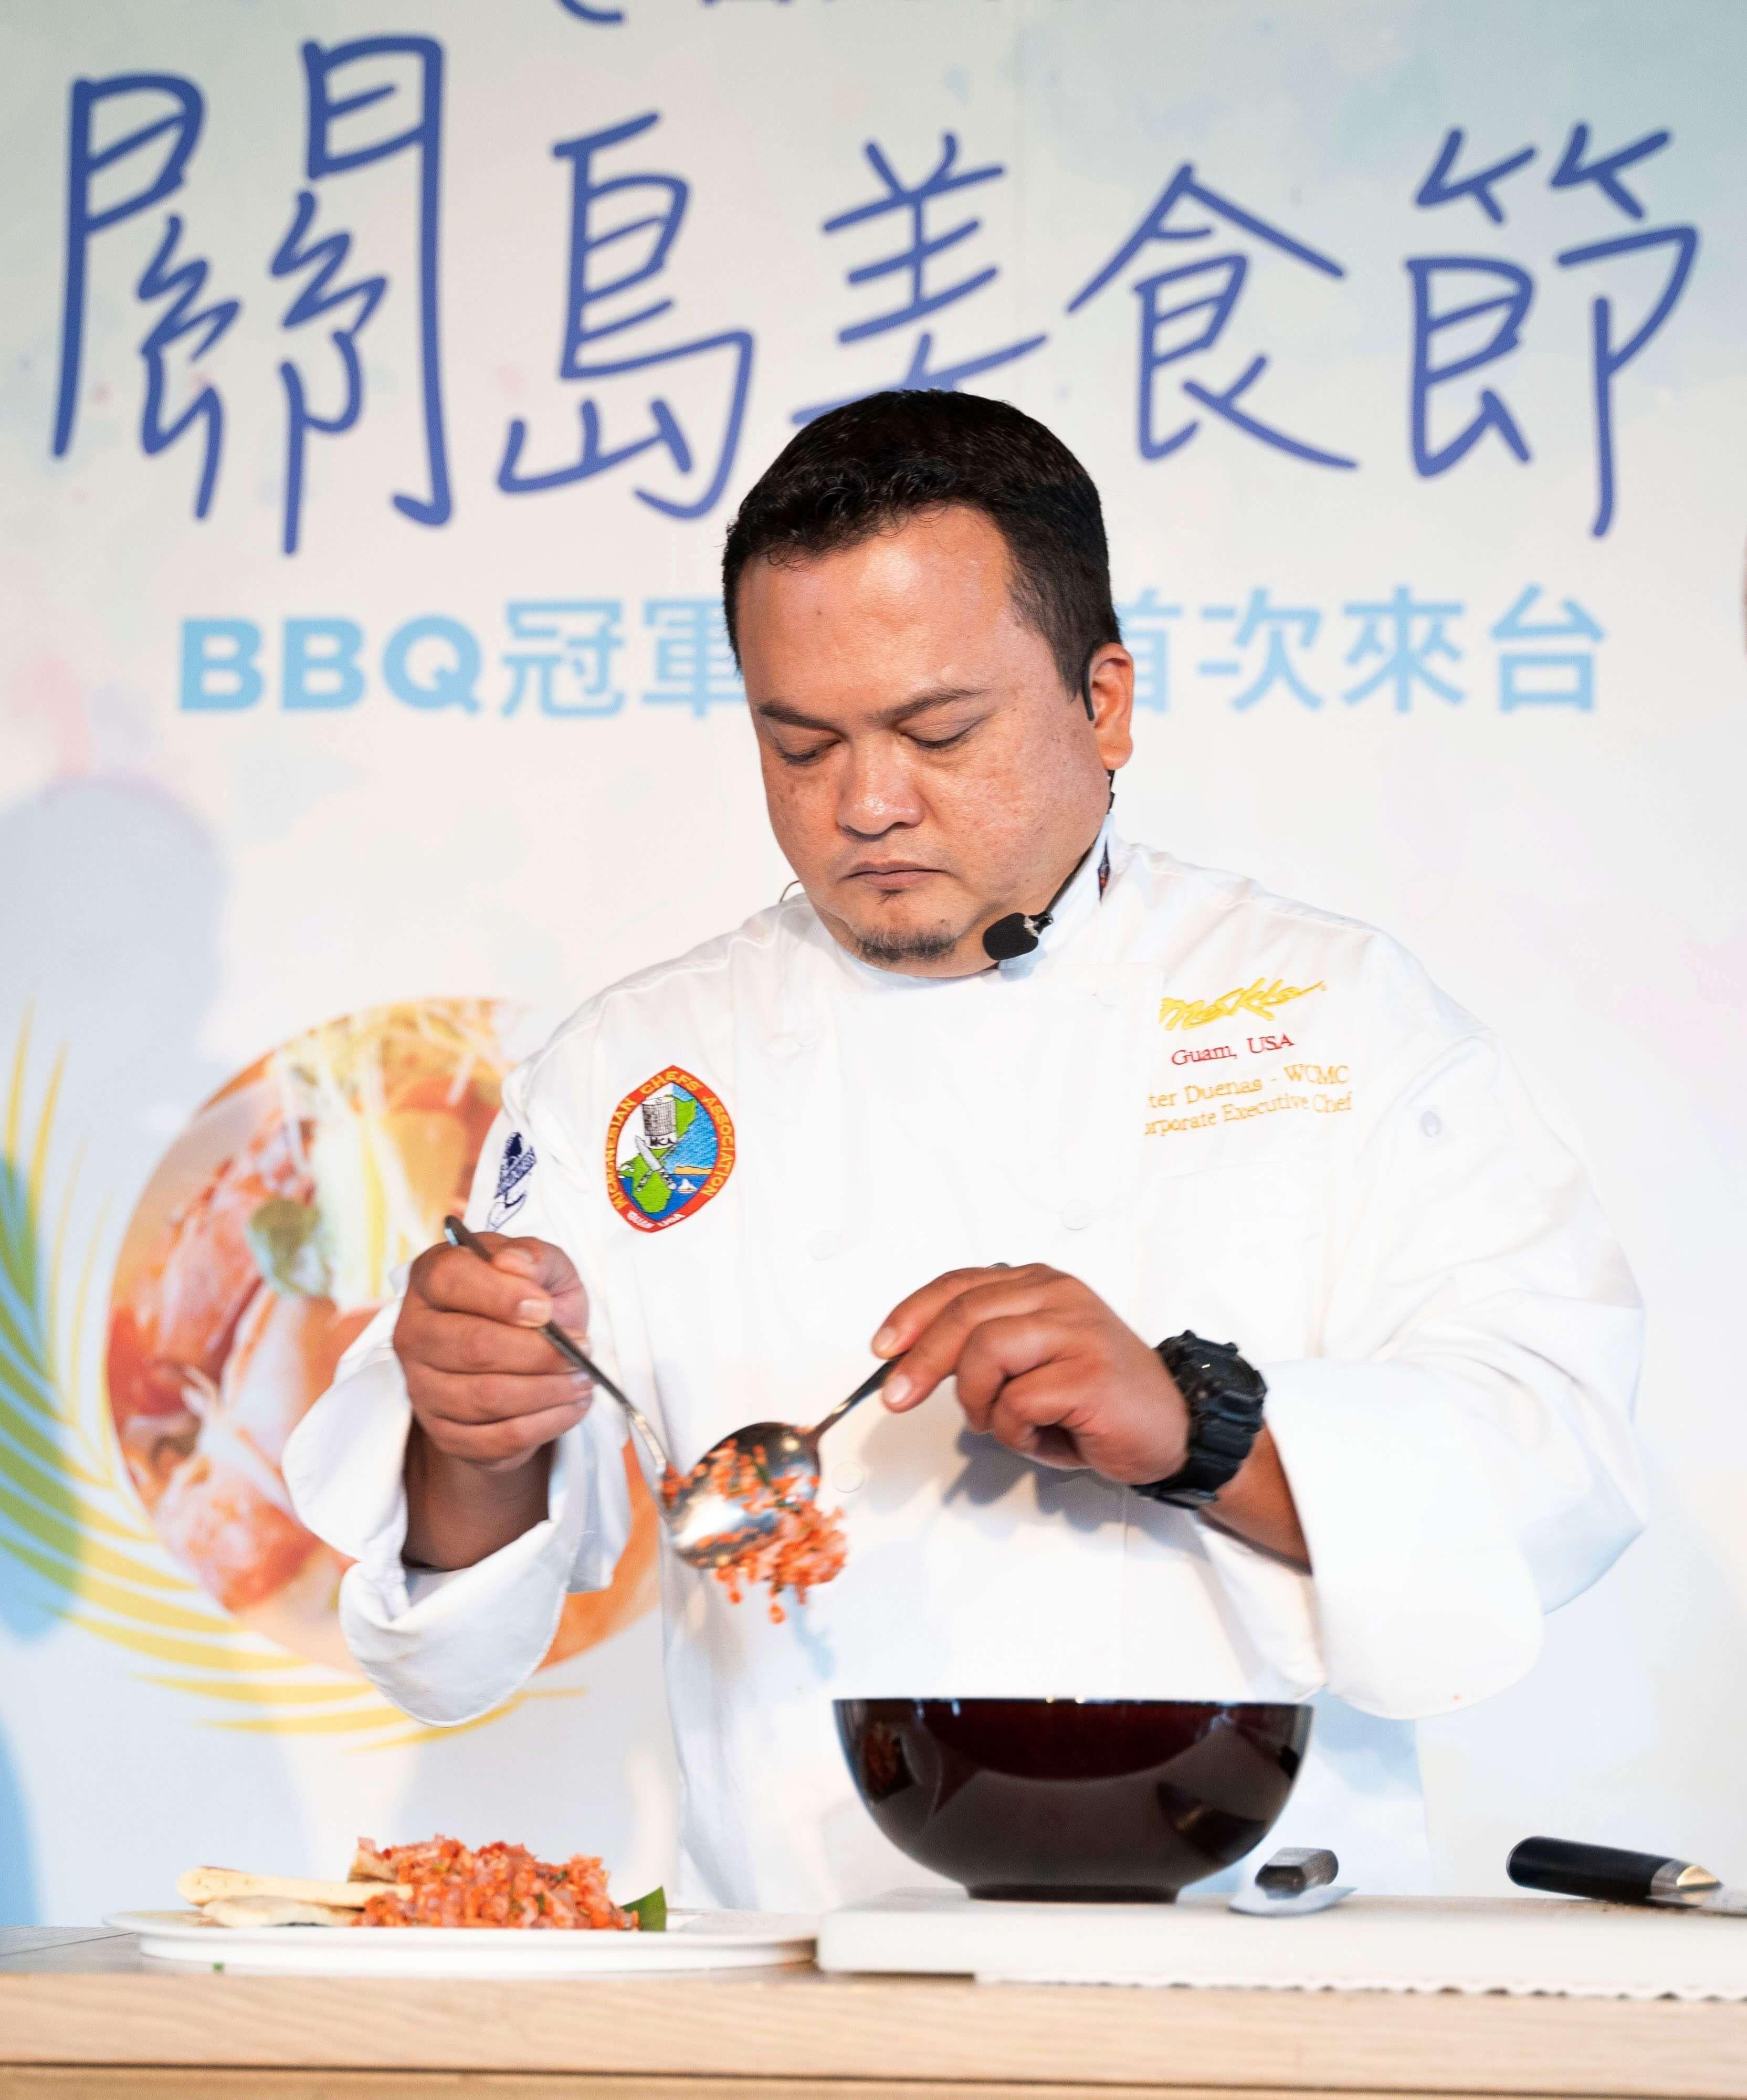 關島美食節-冠軍主廚Peter Duenas 。(圖片/台北新板希爾頓提供)